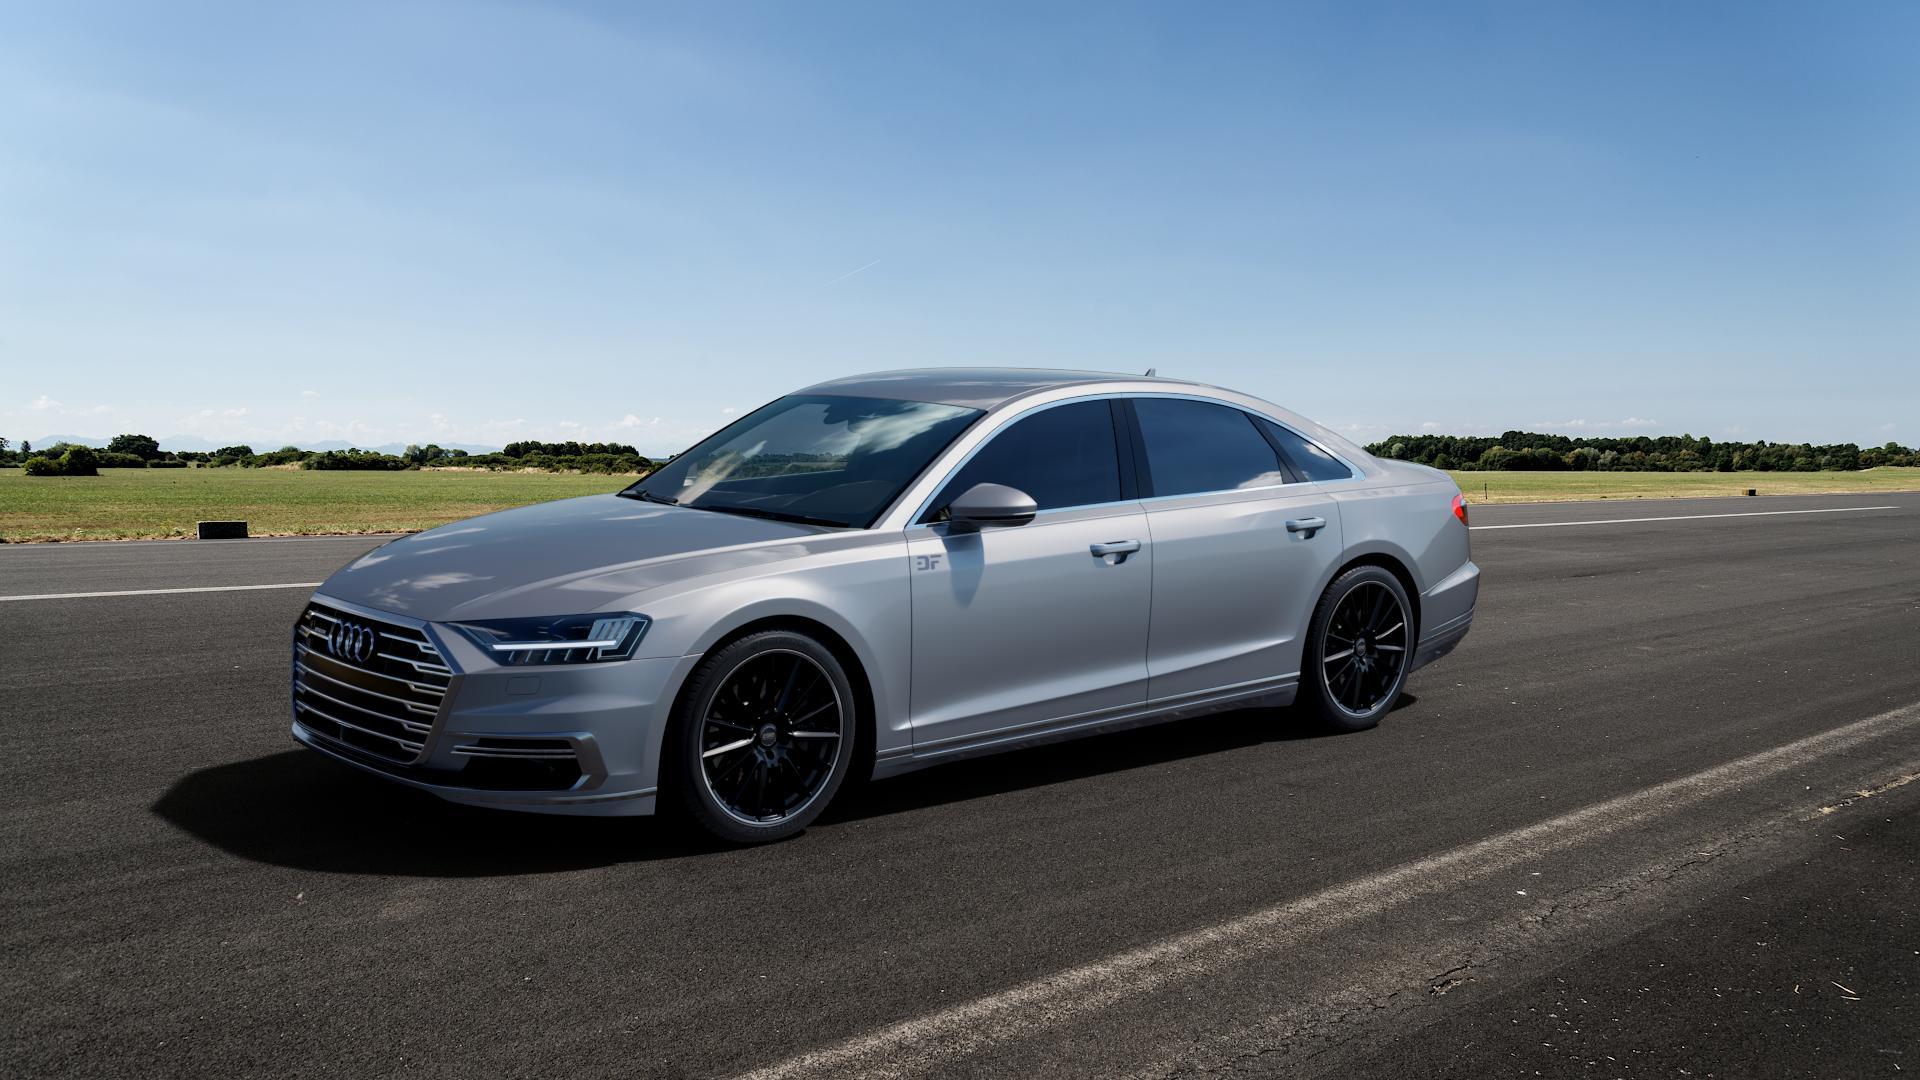 CMS C23 Diamond Rim Black Felge mit Reifen grau schwarz in 20Zoll Winterfelge Alufelge auf silbernem Audi A8 Typ D5/F8 3,0l 60 TFSI e quattro 250kW (340 PS) Hybrid 4,0l 338kW (460 420kW S8 (571 TDI 210kW (286 320kW (435 ⬇️ mit 15mm Tieferlegung ⬇️ Big_Vehicle_Airstrip_1 Frontansicht_1